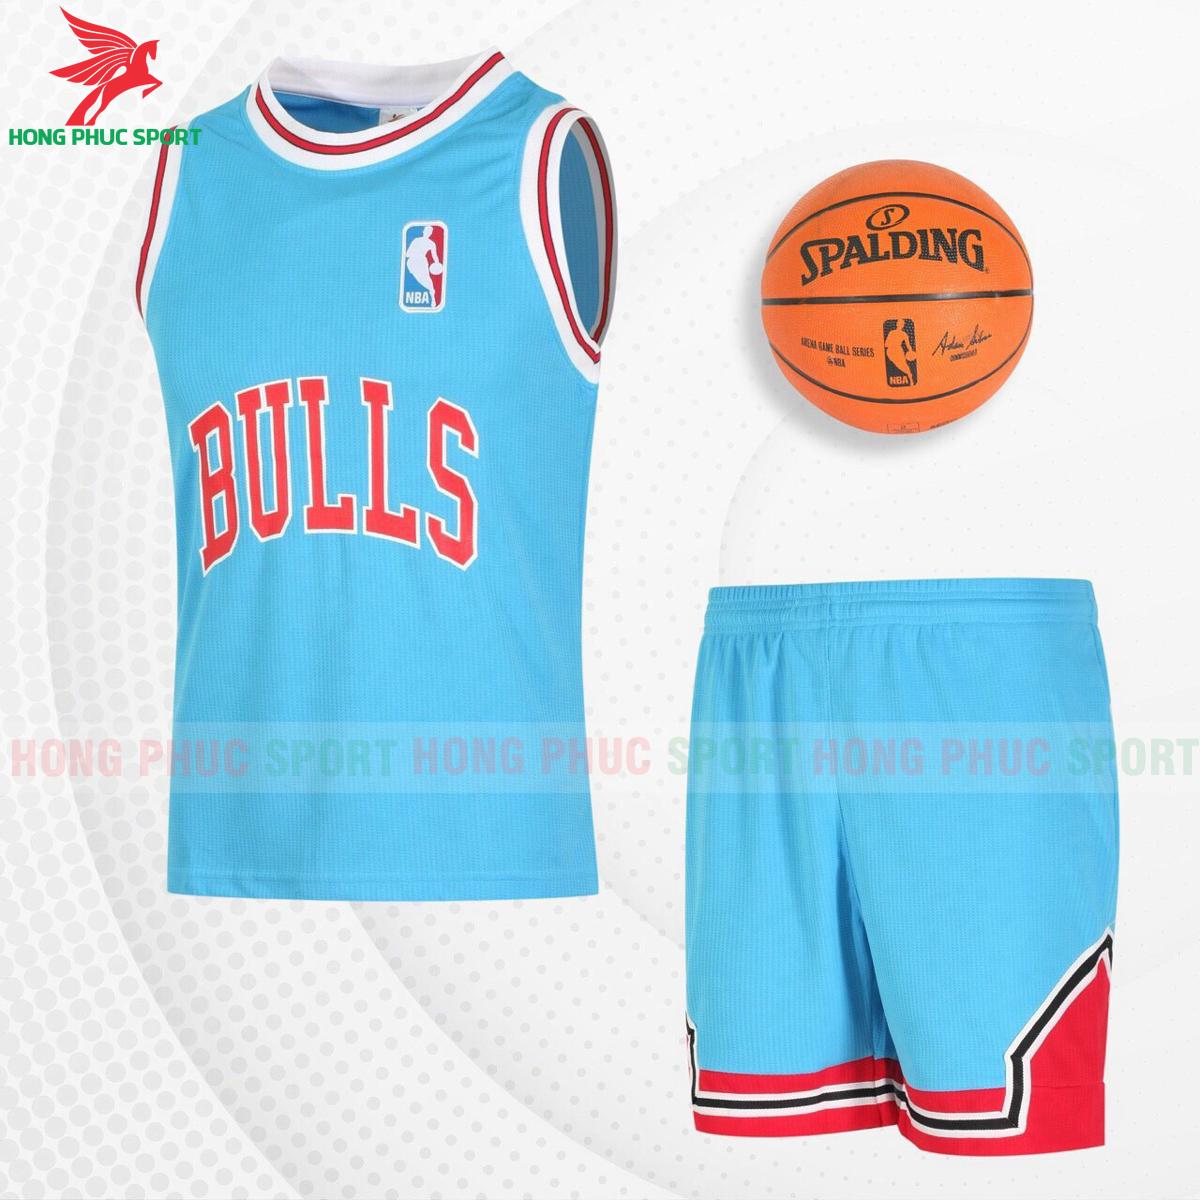 Quần áo bóng rổBulls 2021màu xanh ngọc